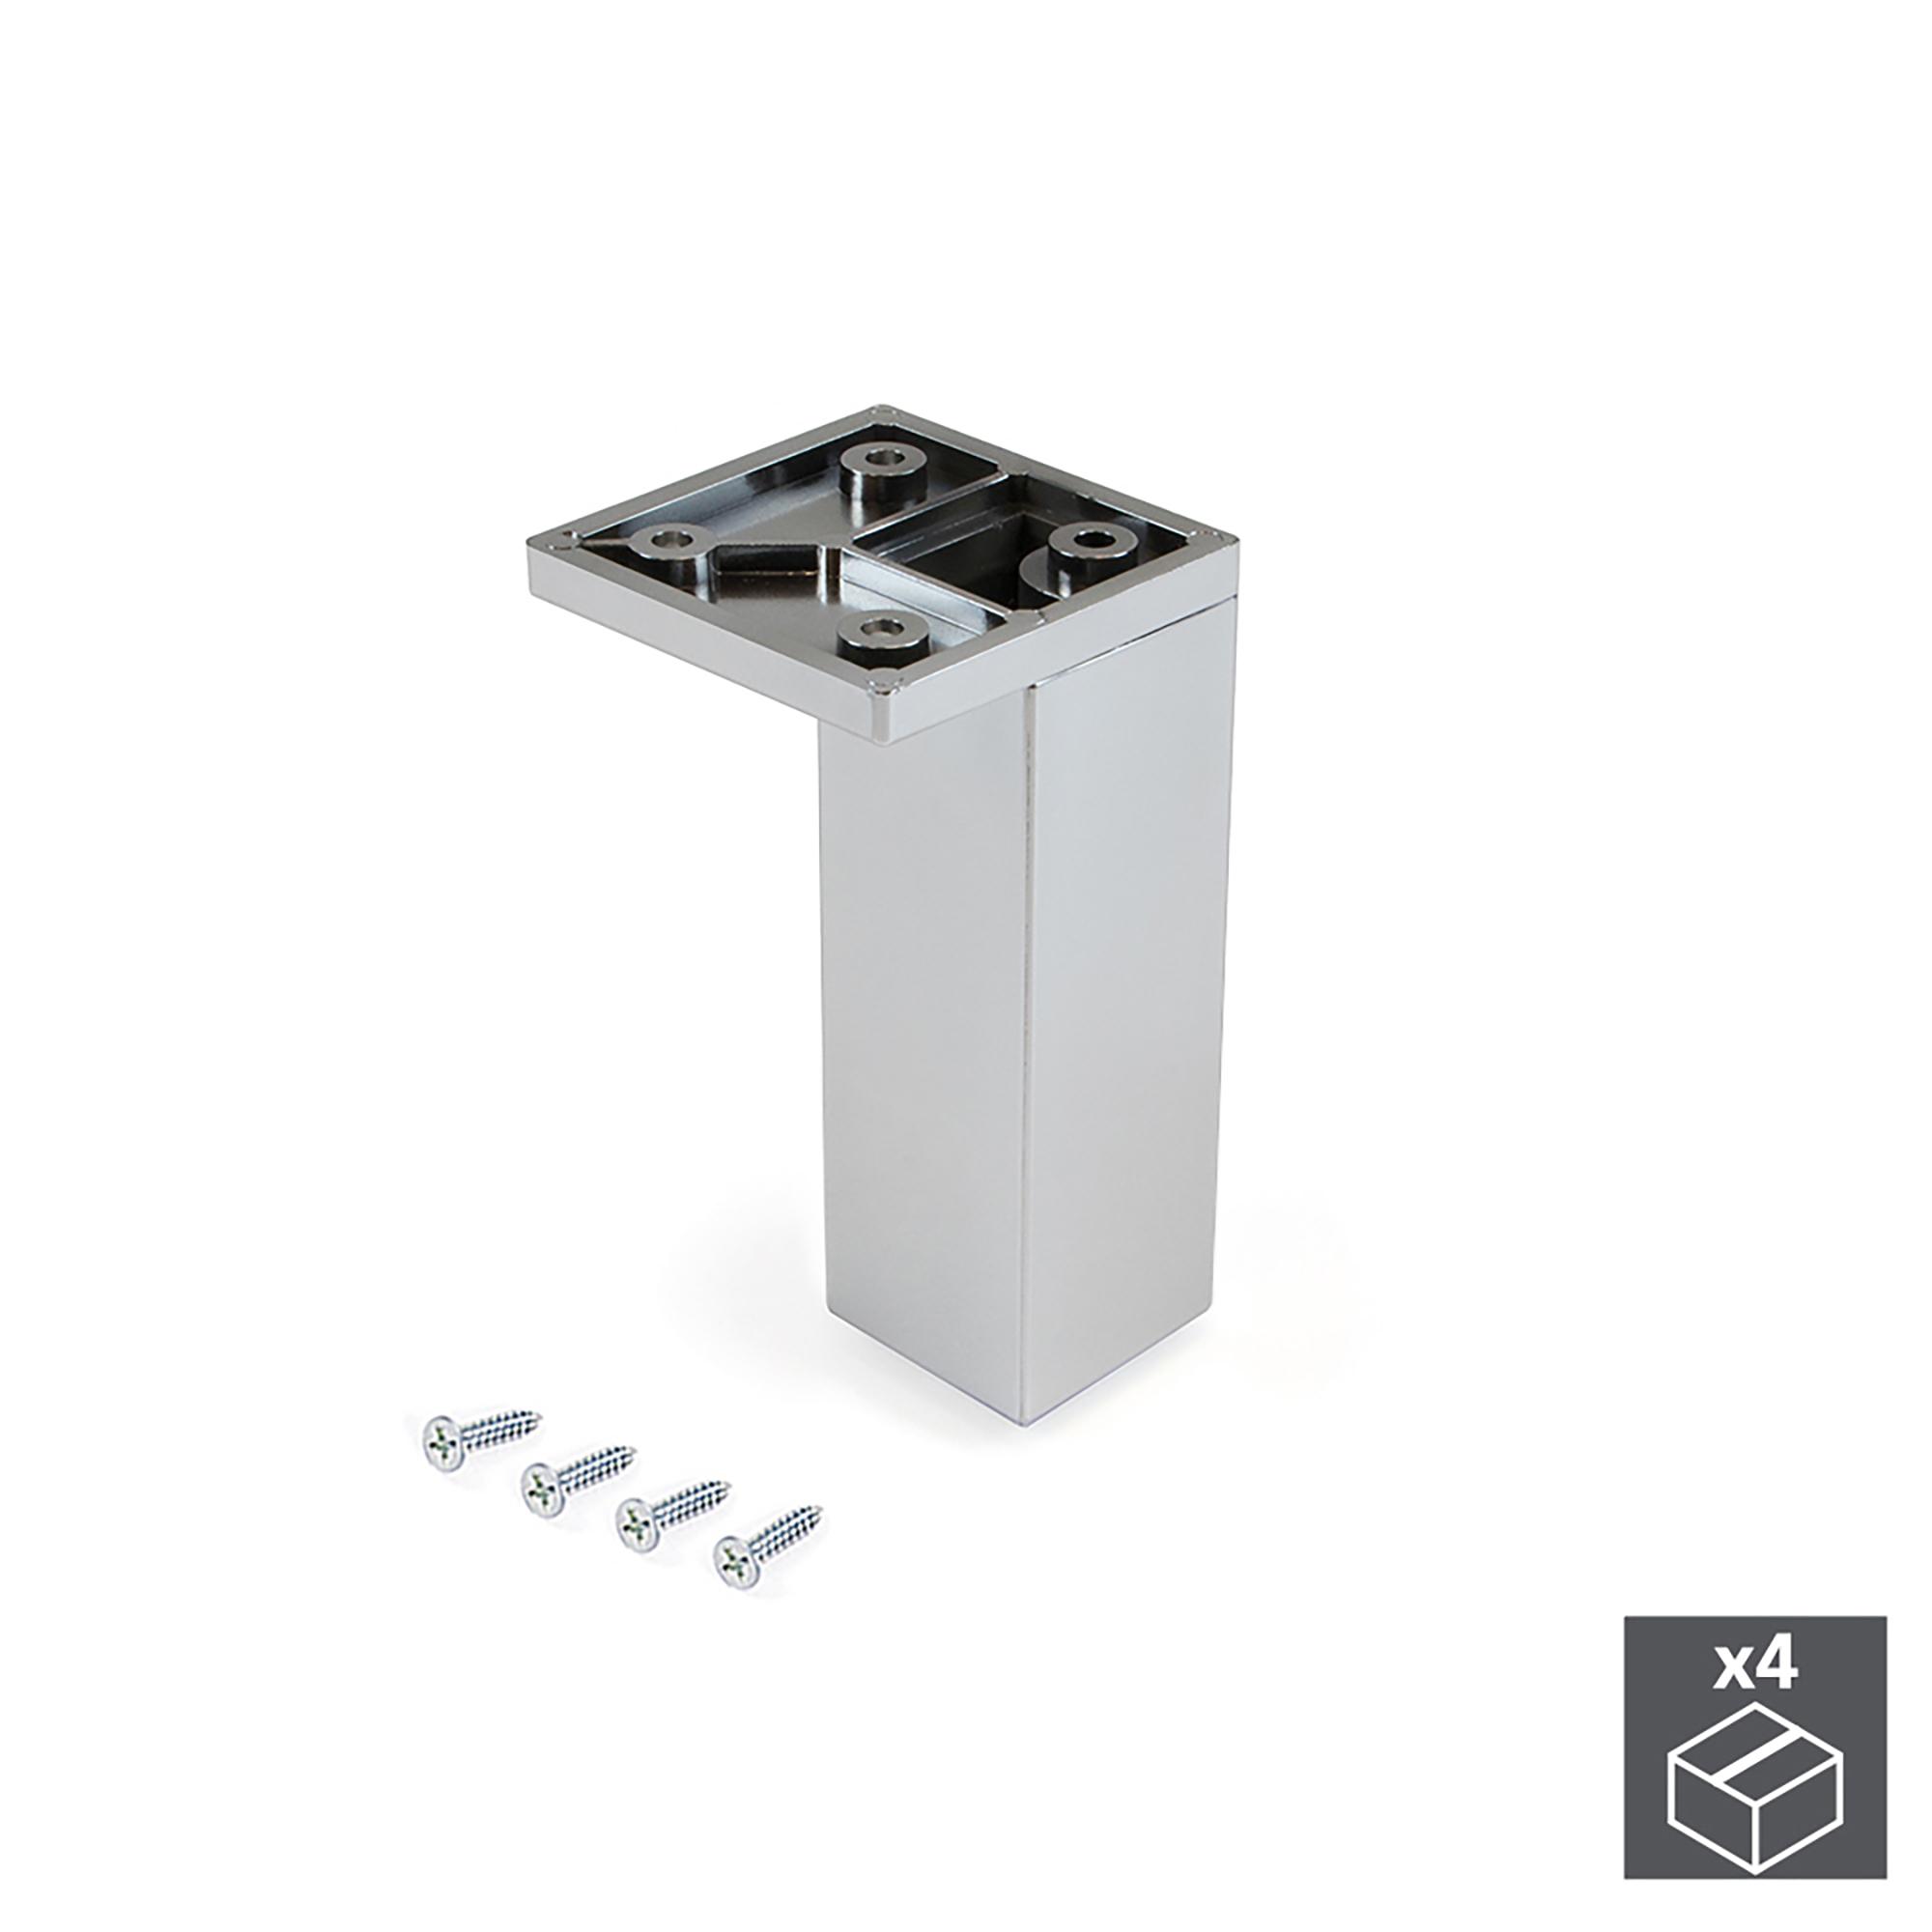 Emuca Piedino per mobile, angolo, regolabile, 100 - 110 mm, Plastica, Cromato, 4 un.